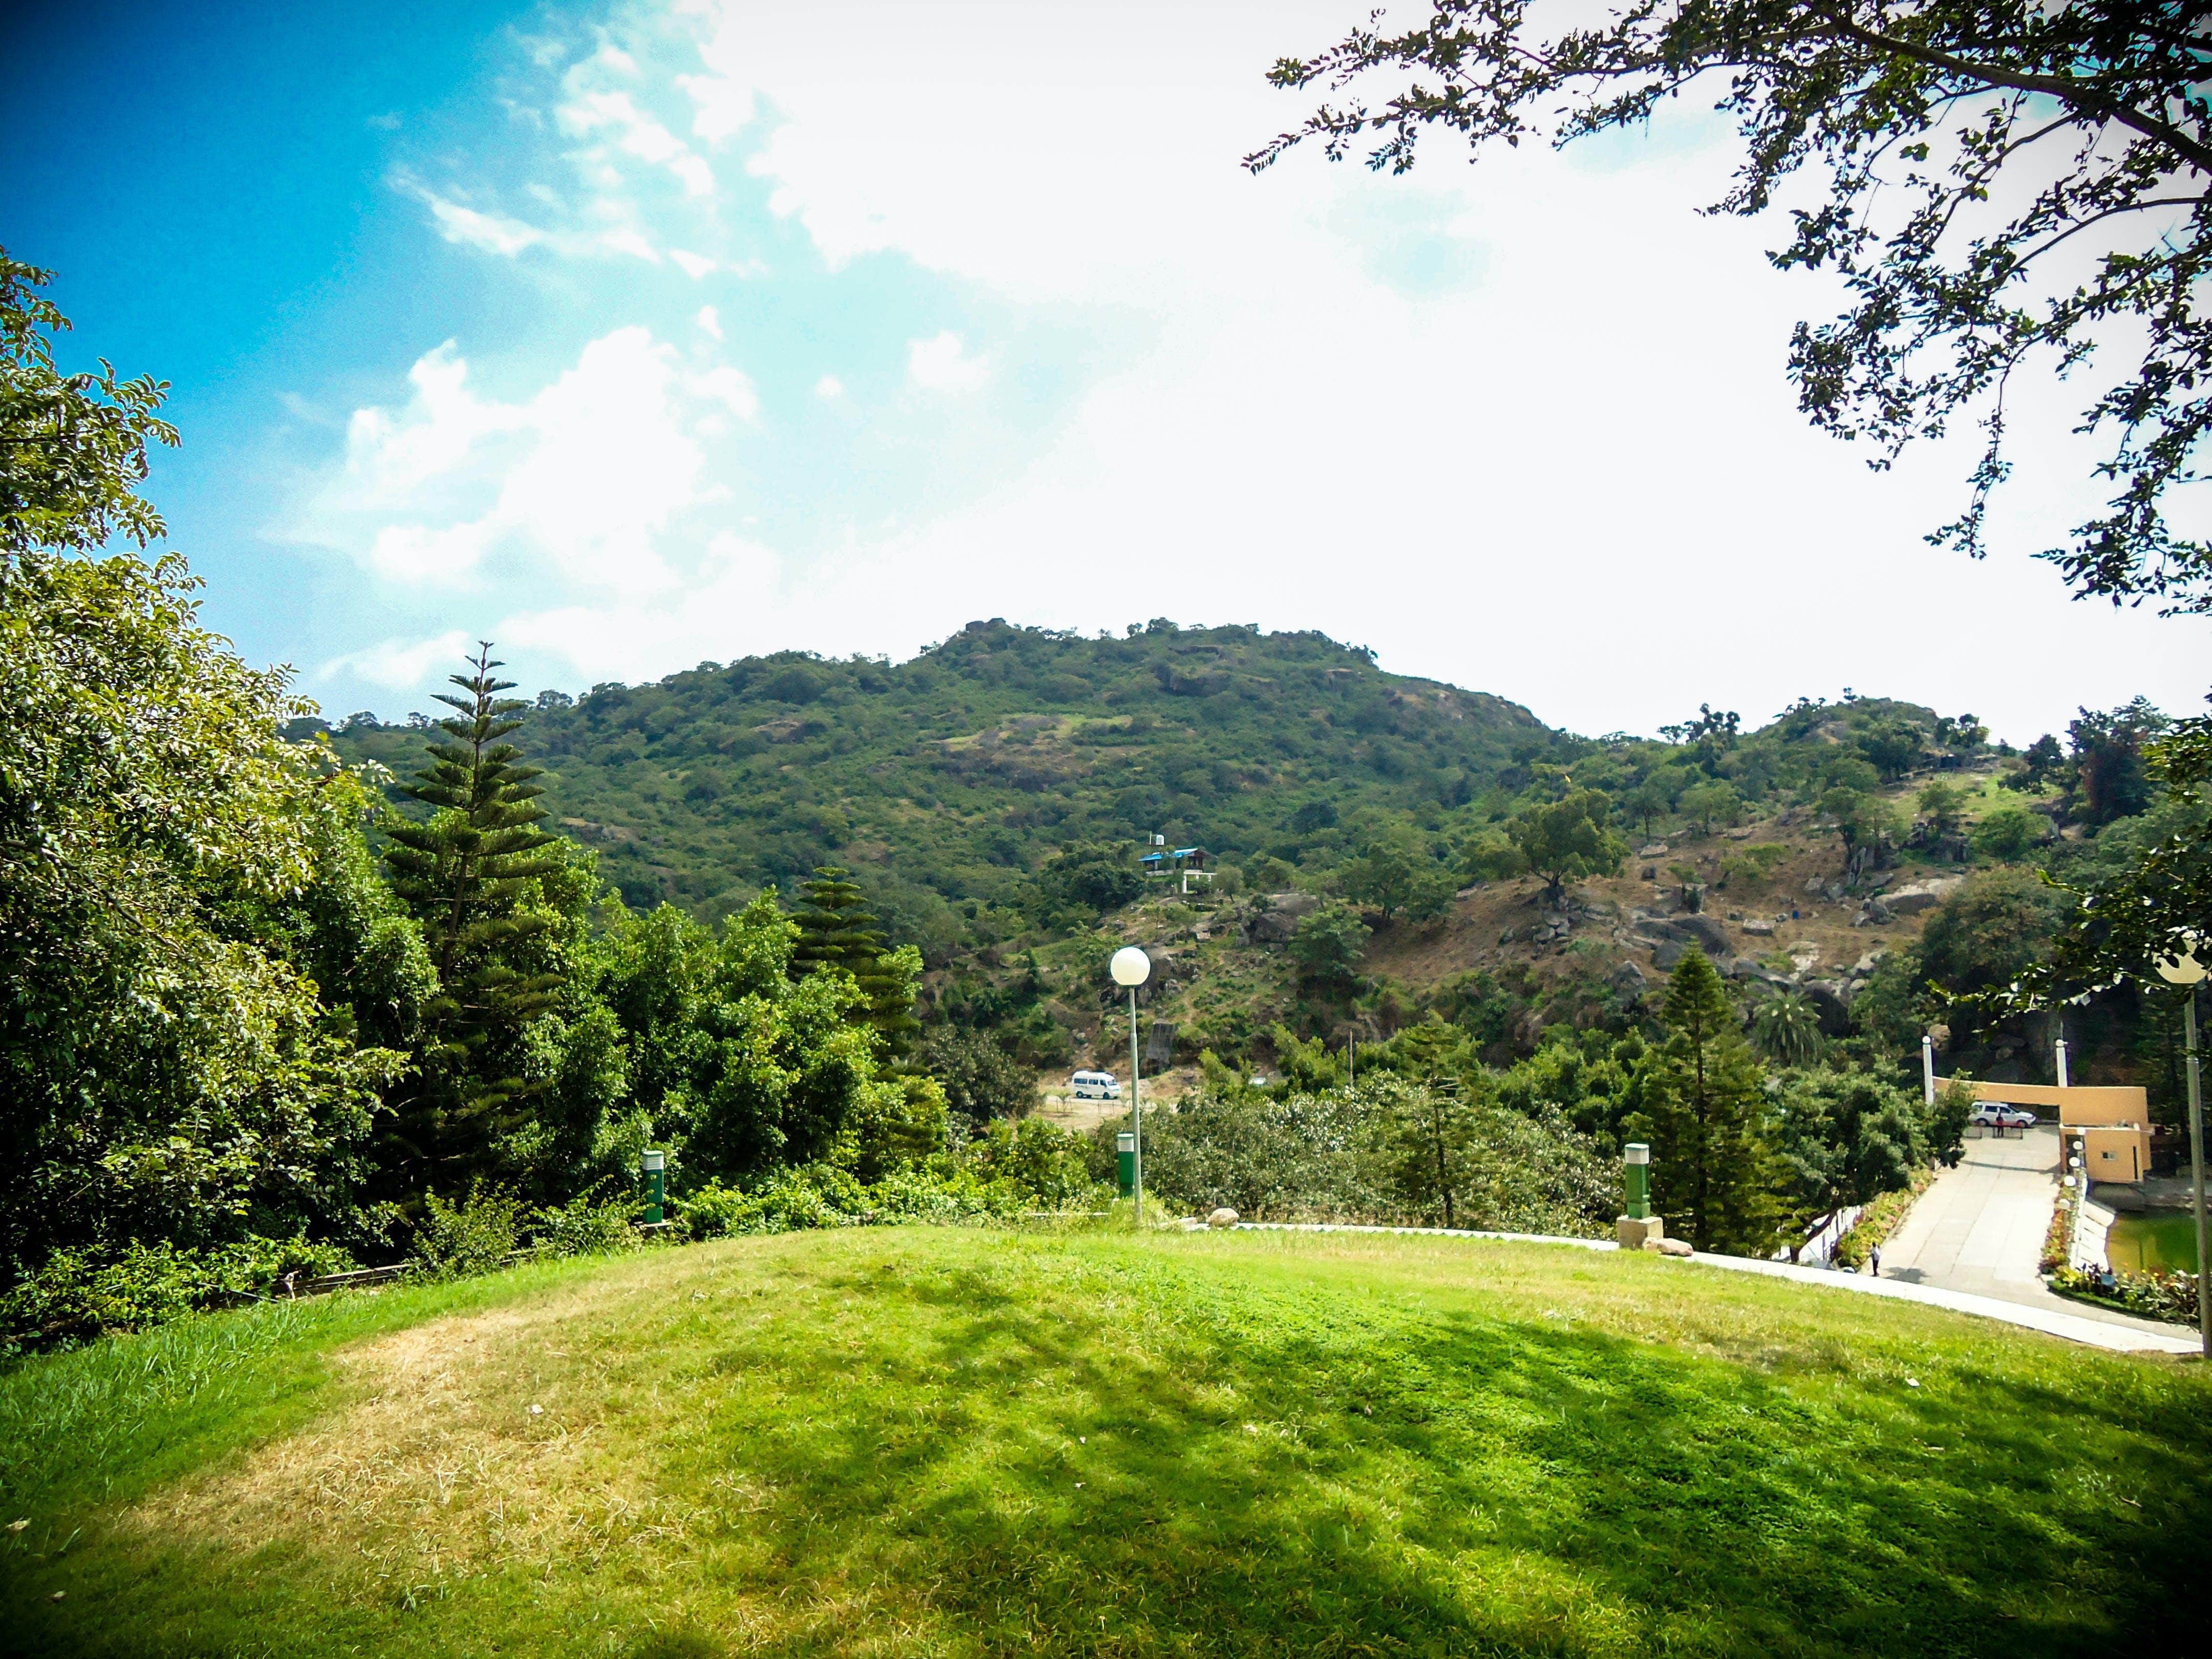 Δωρεάν στοκ φωτογραφιών με gyan sarovar, mount abu, βουνό, δέντρο